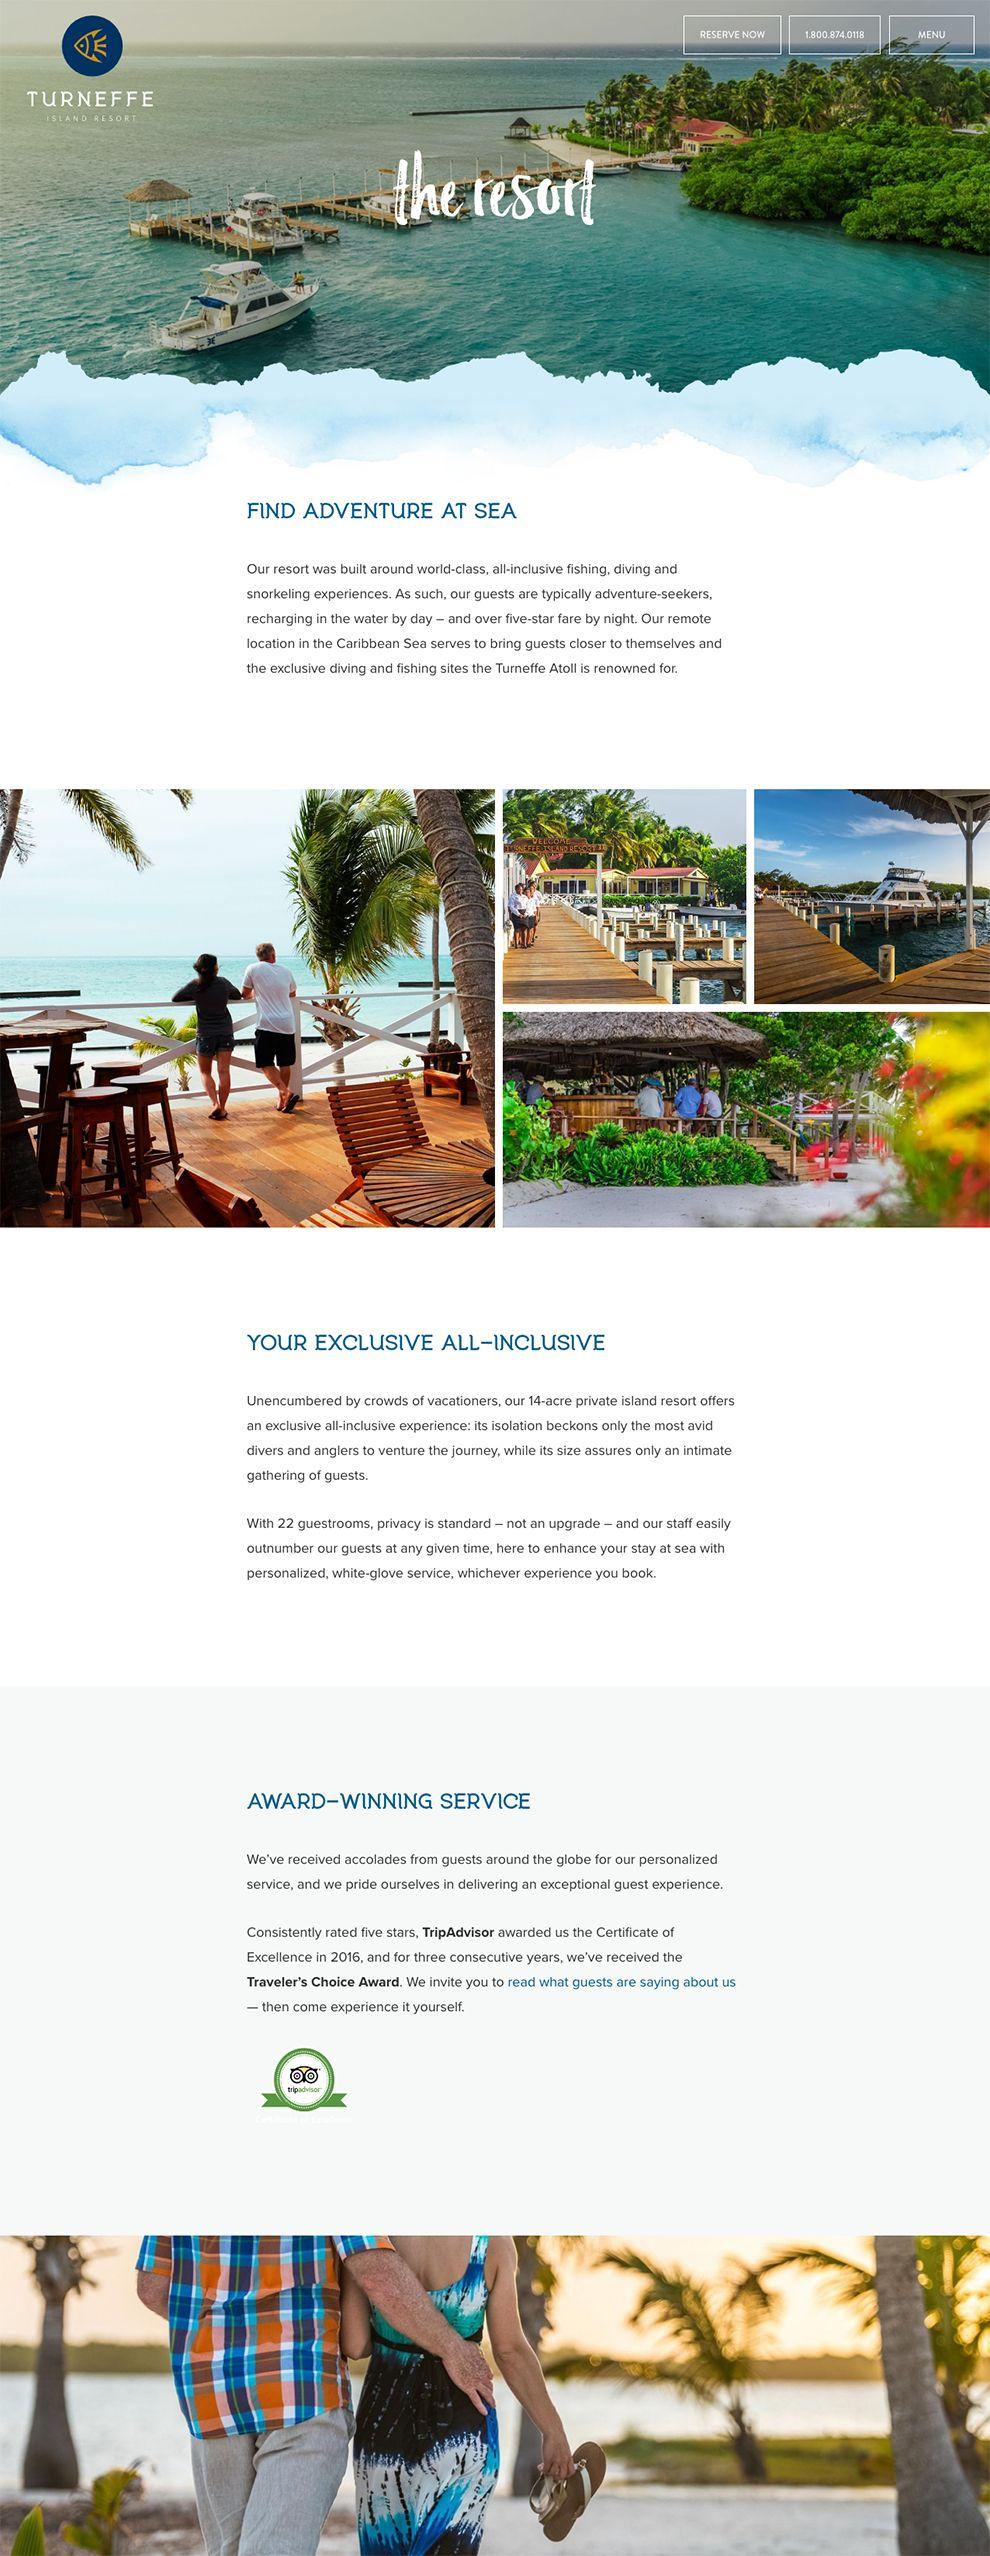 Turneffe Island Resort Beautiful About Page